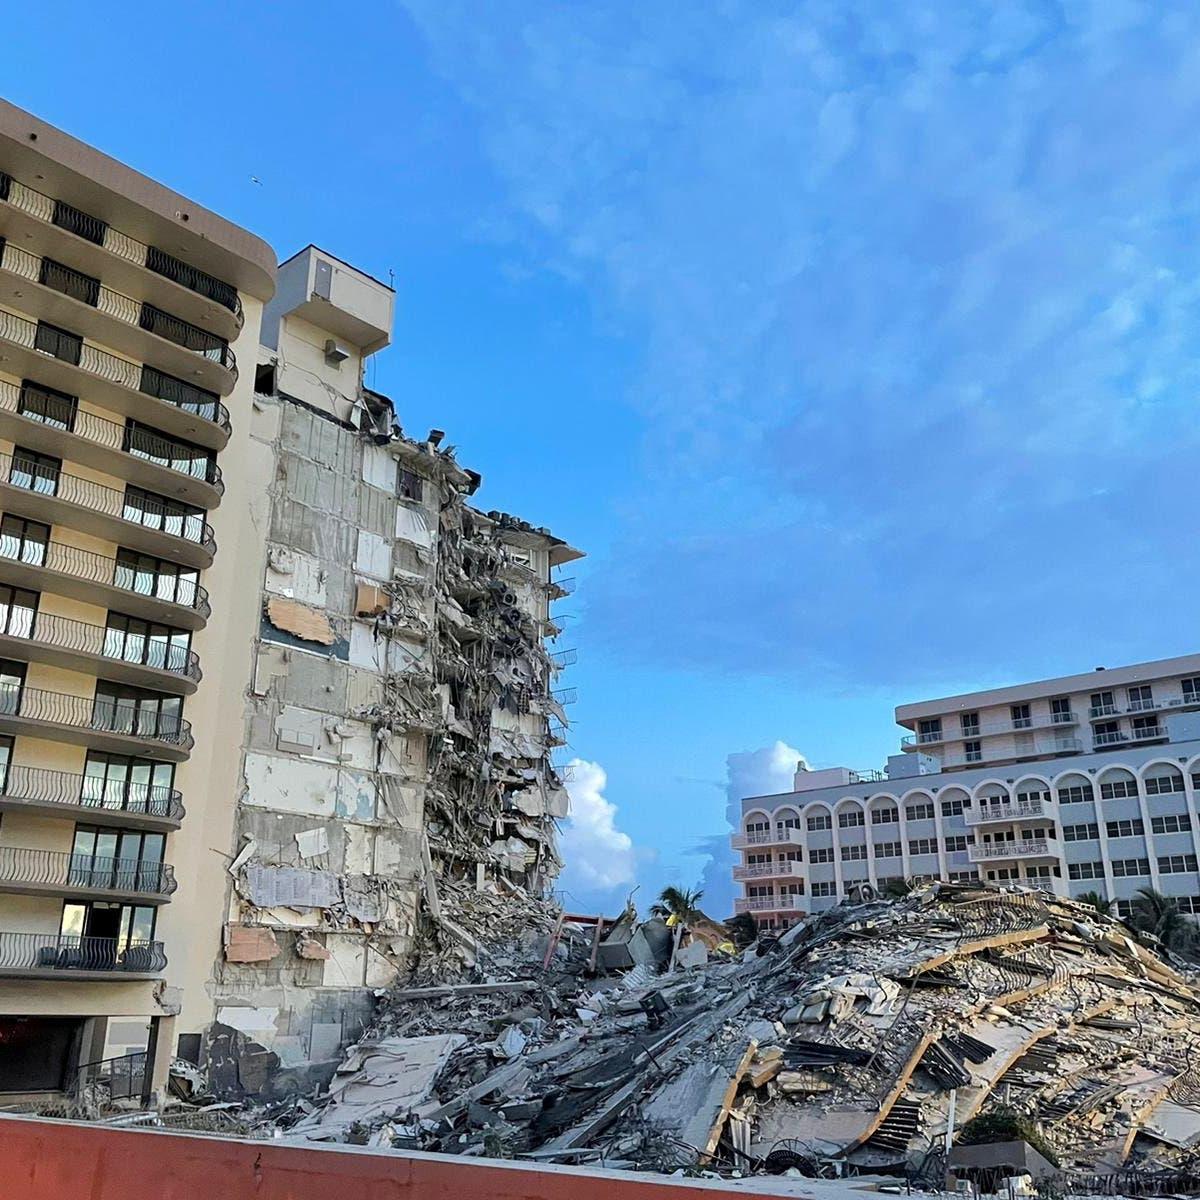 ارتفاع حصيلة انهيار مبنى في فلوريدا إلى 9 قتلى